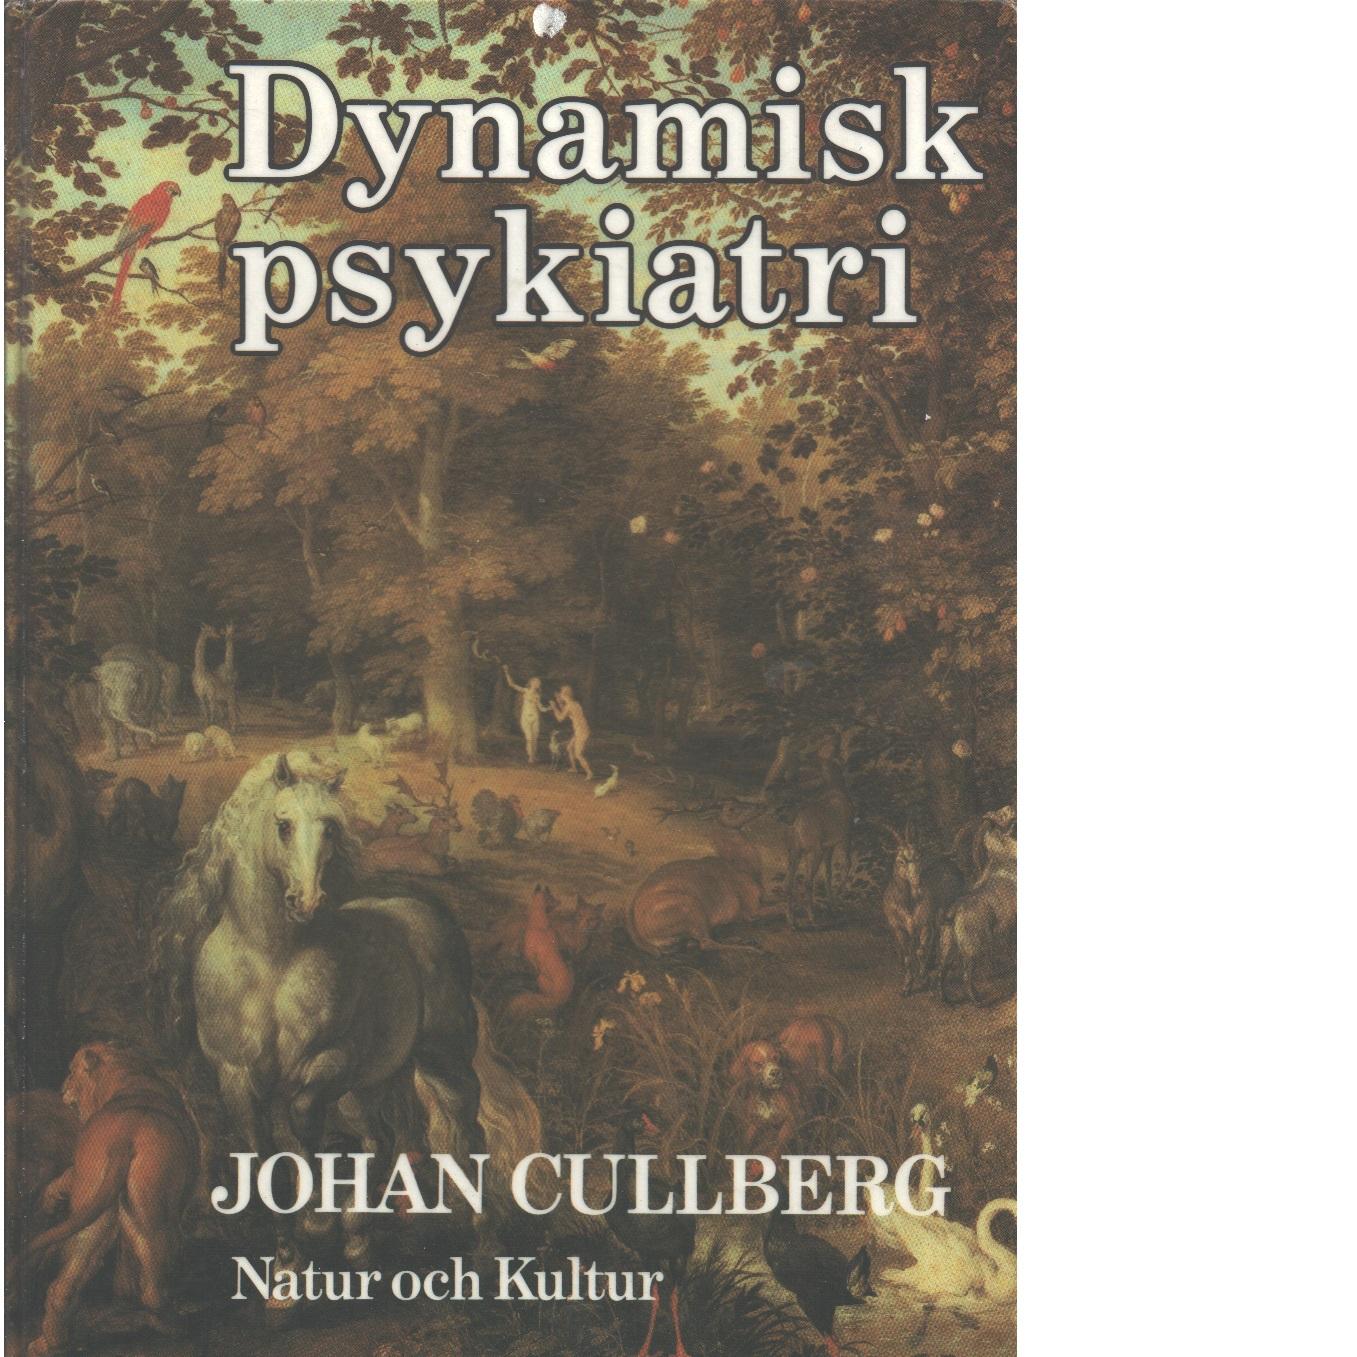 Dynamisk psykiatri i teori och praktik - Cullberg, Johan